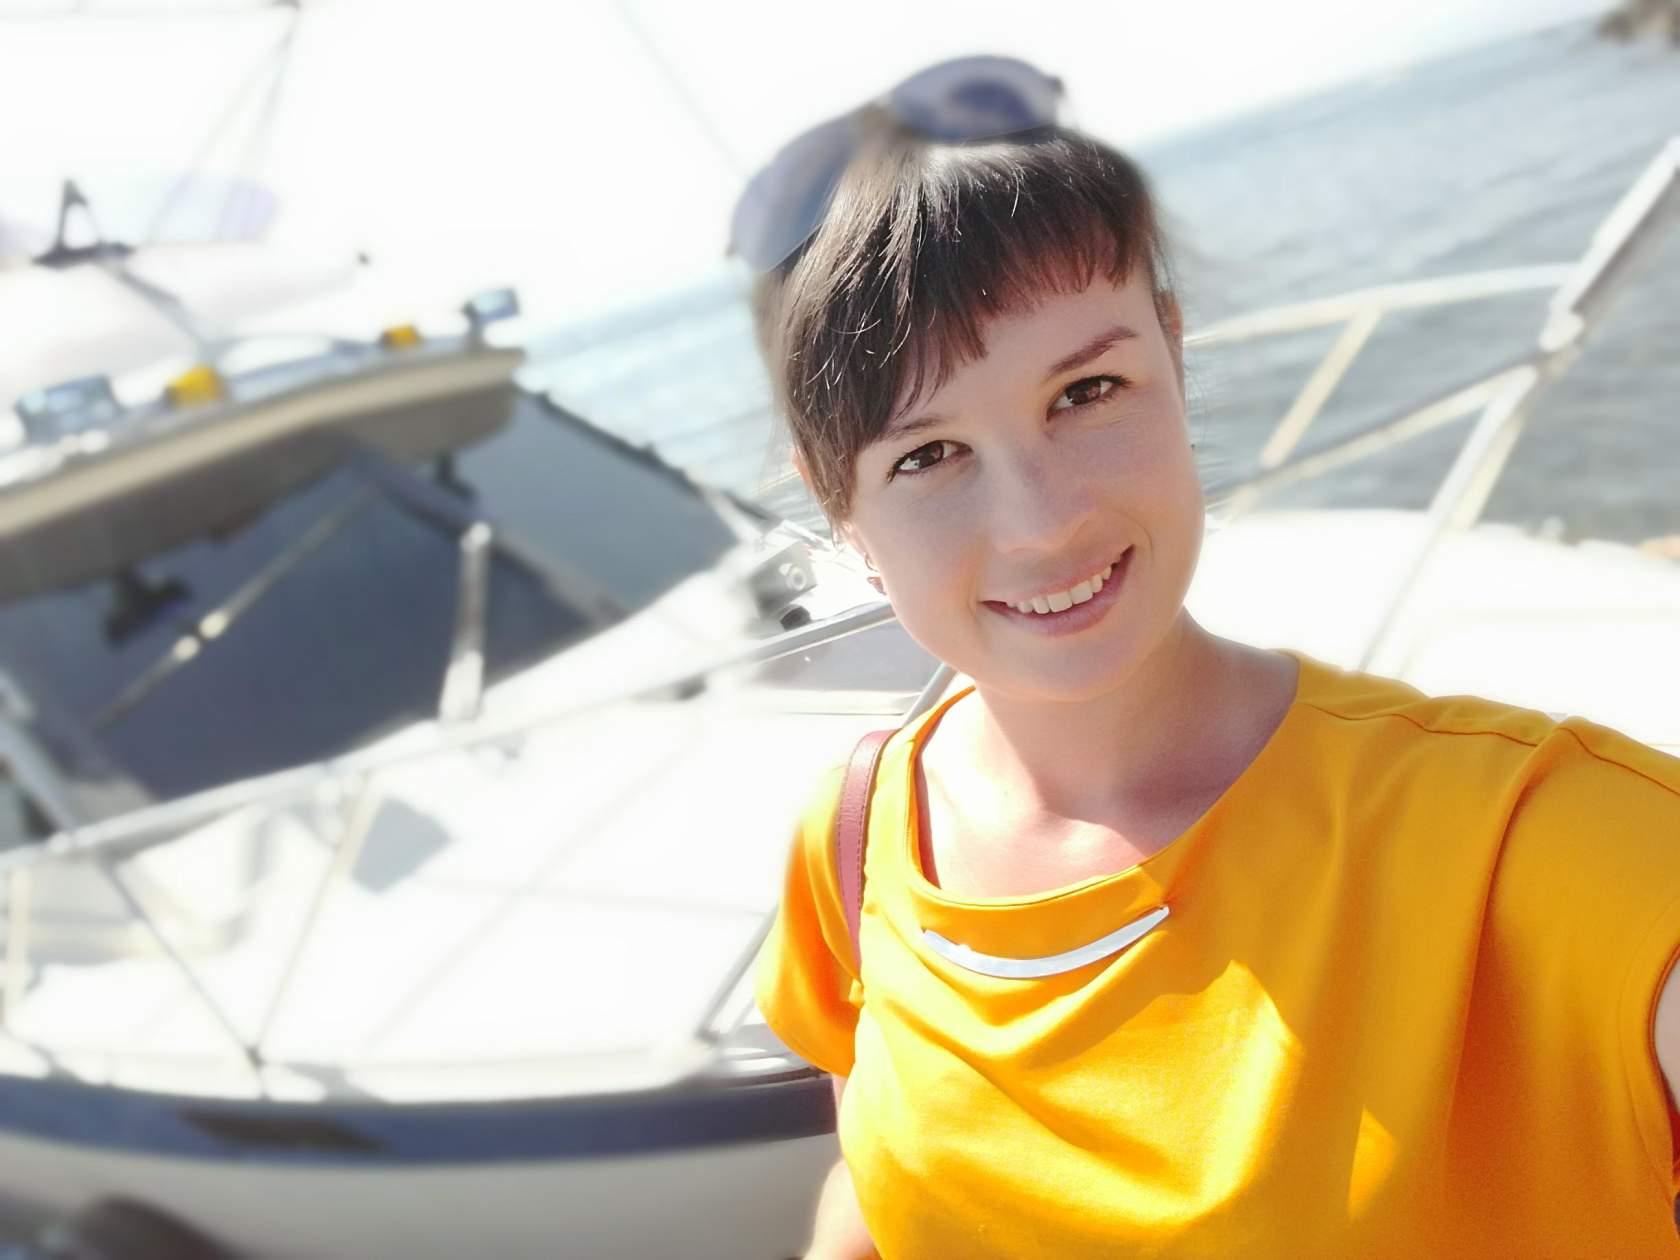 Дарья иванцова я девушка ищу работу в красноярске девушка